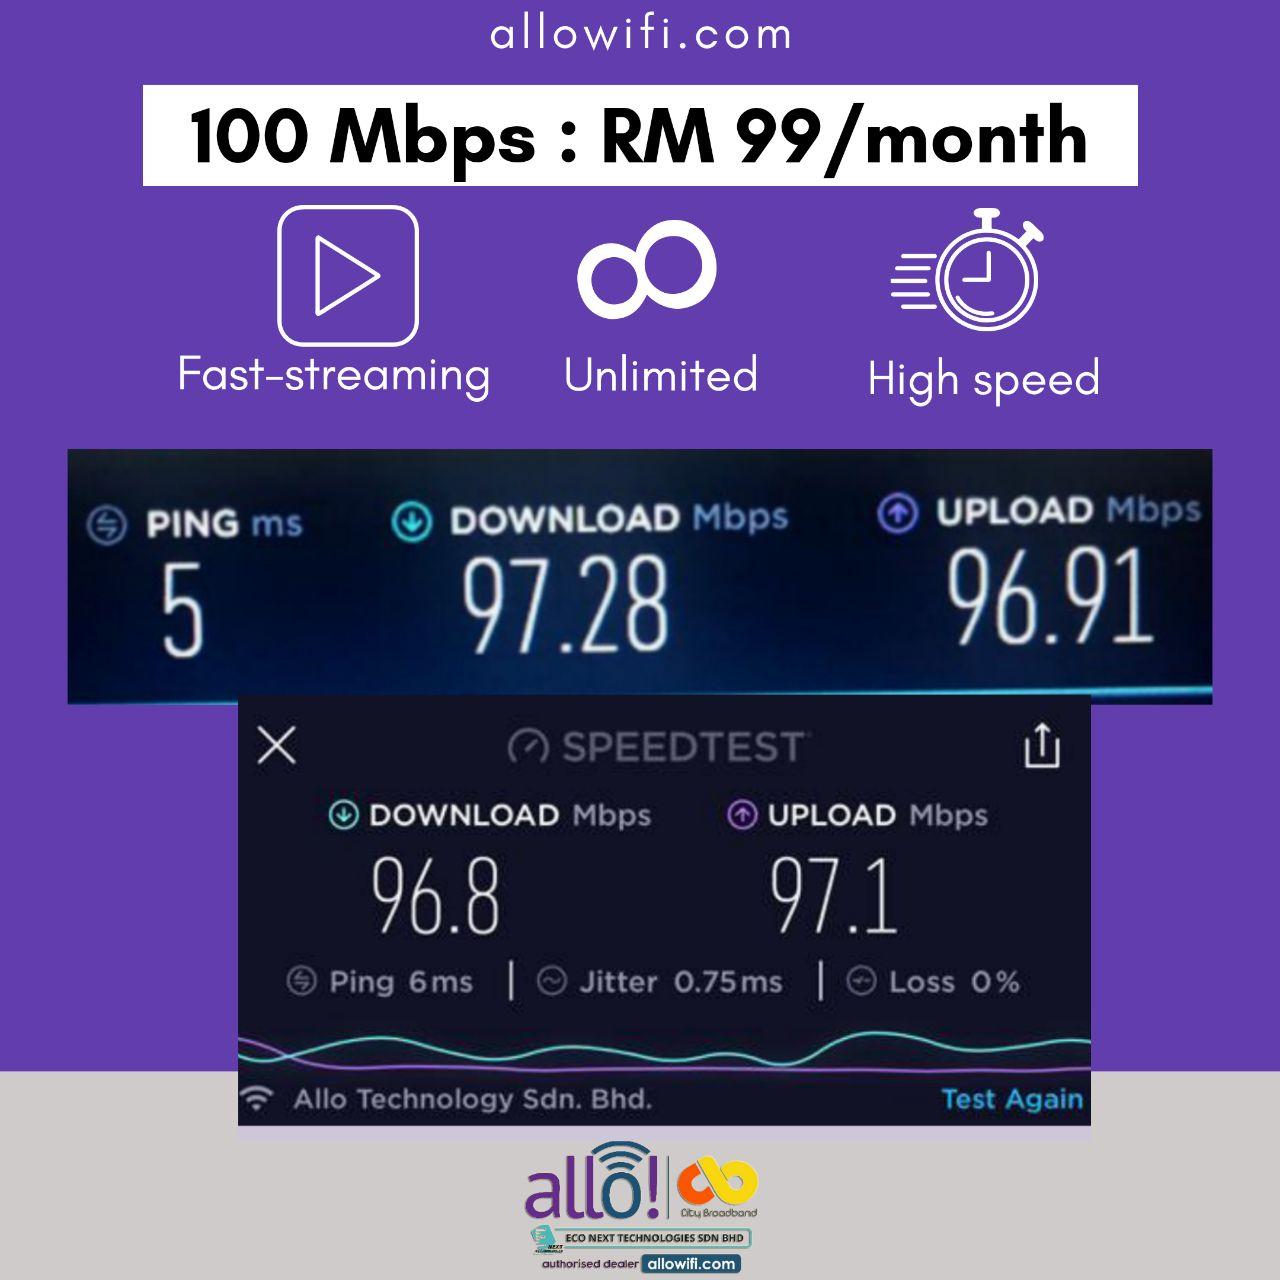 100 Mbps Allo Wifi